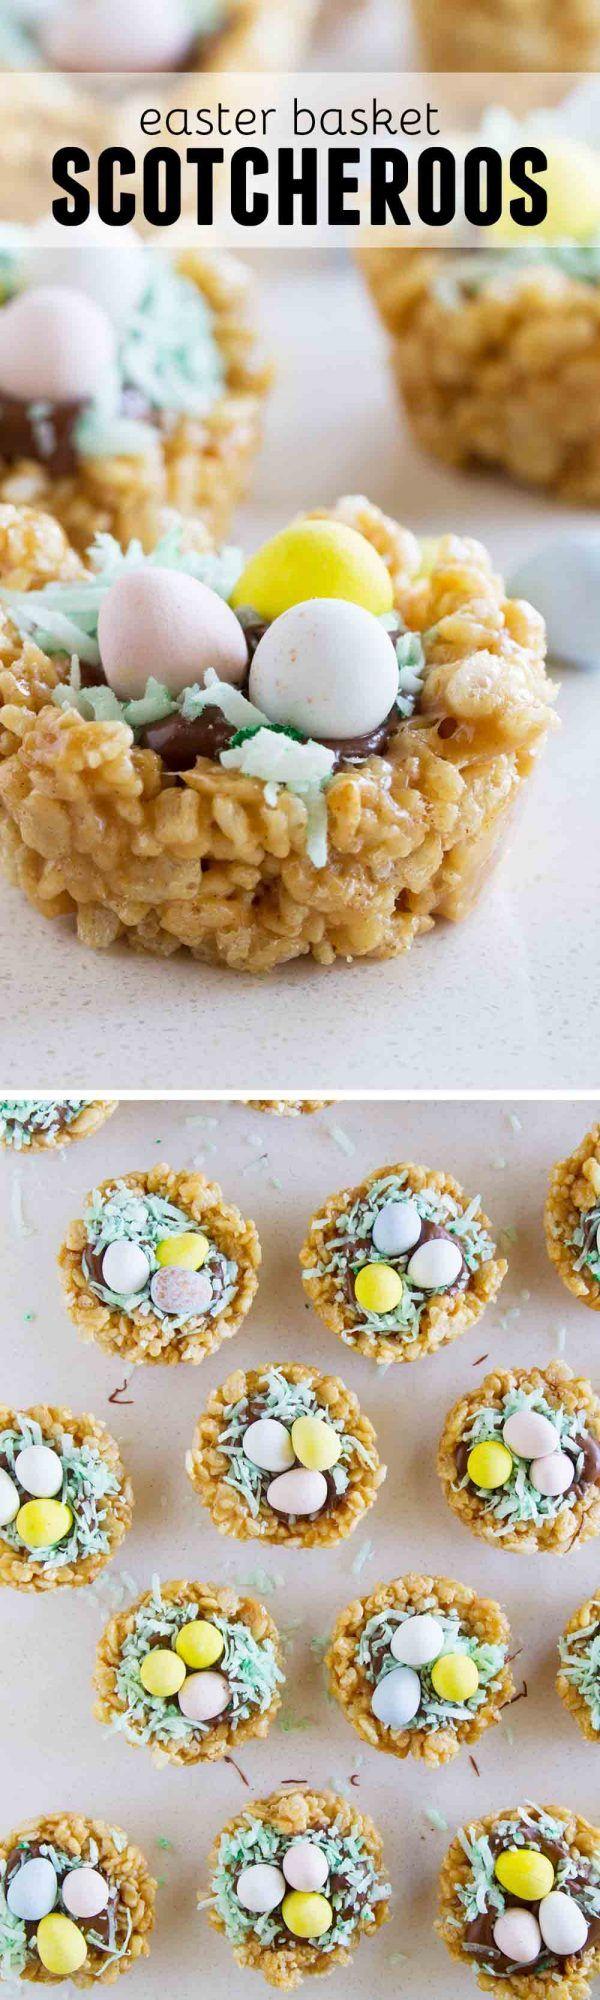 25 best easter desserts ideas on pinterest easter for Dessert for easter dinner